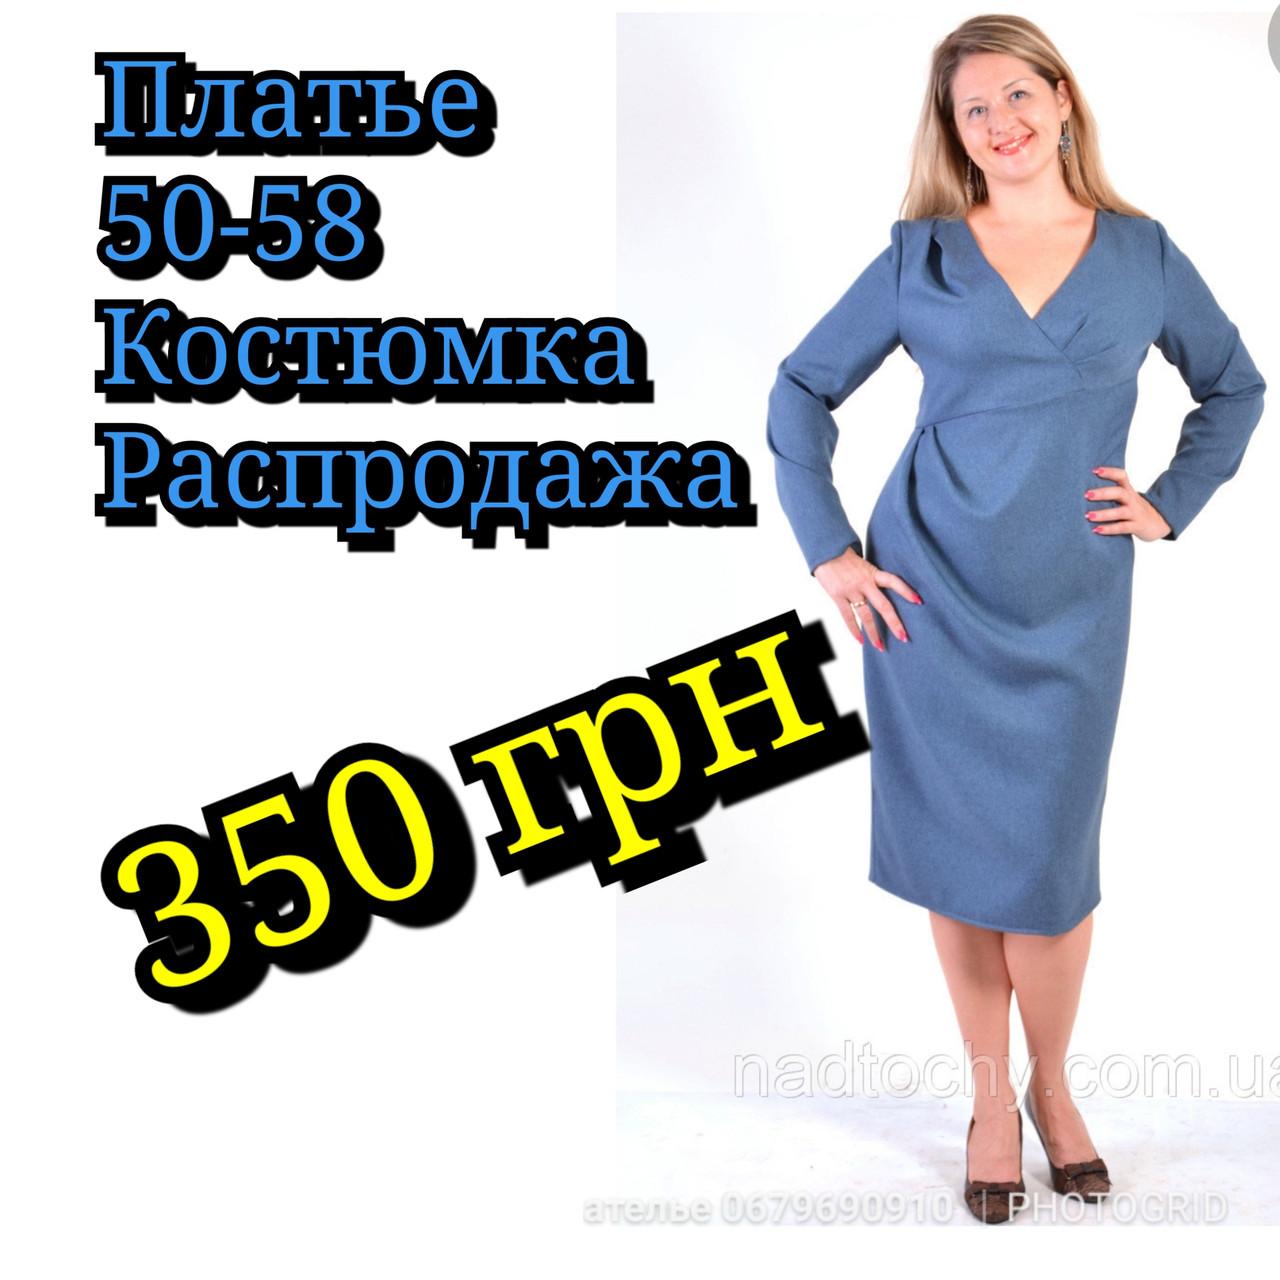 Платье джинсового цвета голубое с драпировкой  большие размеры 50-60 р-ры , пл 120.